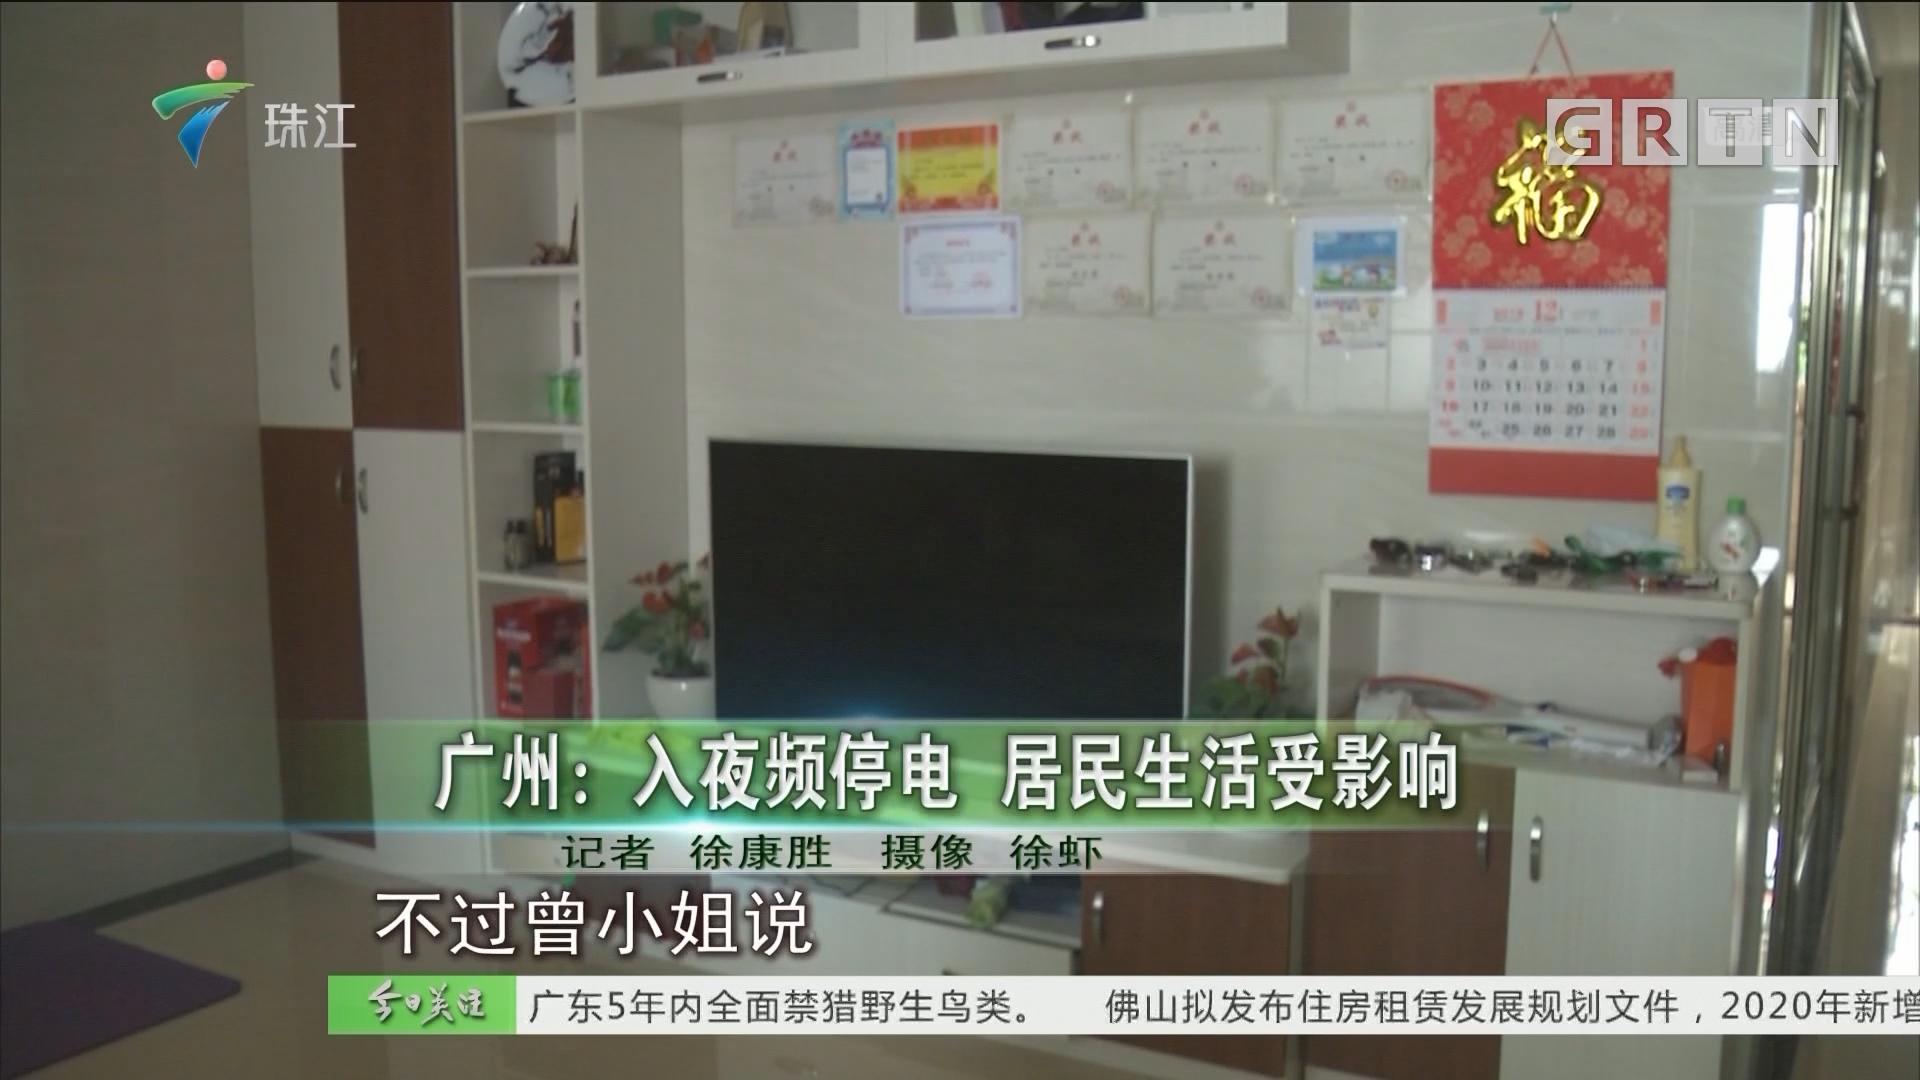 广州:入夜频停电 居民生活受影响